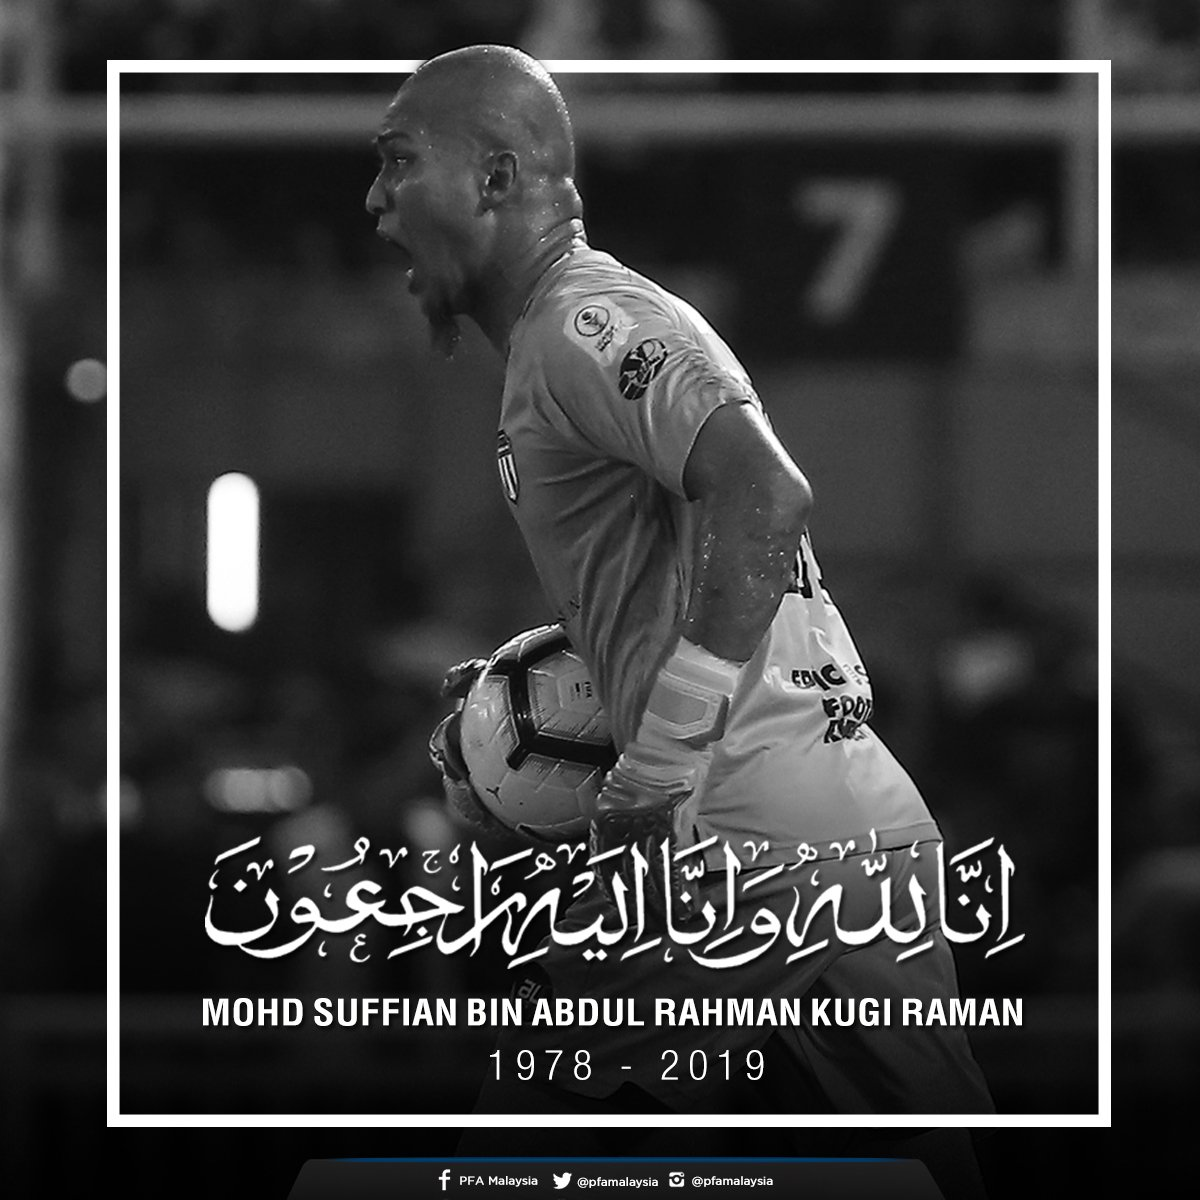 Sesungguhnya, kami adalah milik Allah dan kepada-Nya kami kembali. Semoga roh beliau dicucuri rahmat dan ditempatkan dalam kalangan orang-orang yang beriman. AL- FATIHAH Mohd Suffian Bin Abdul Rahman Kugi Raman 1978 - 2019